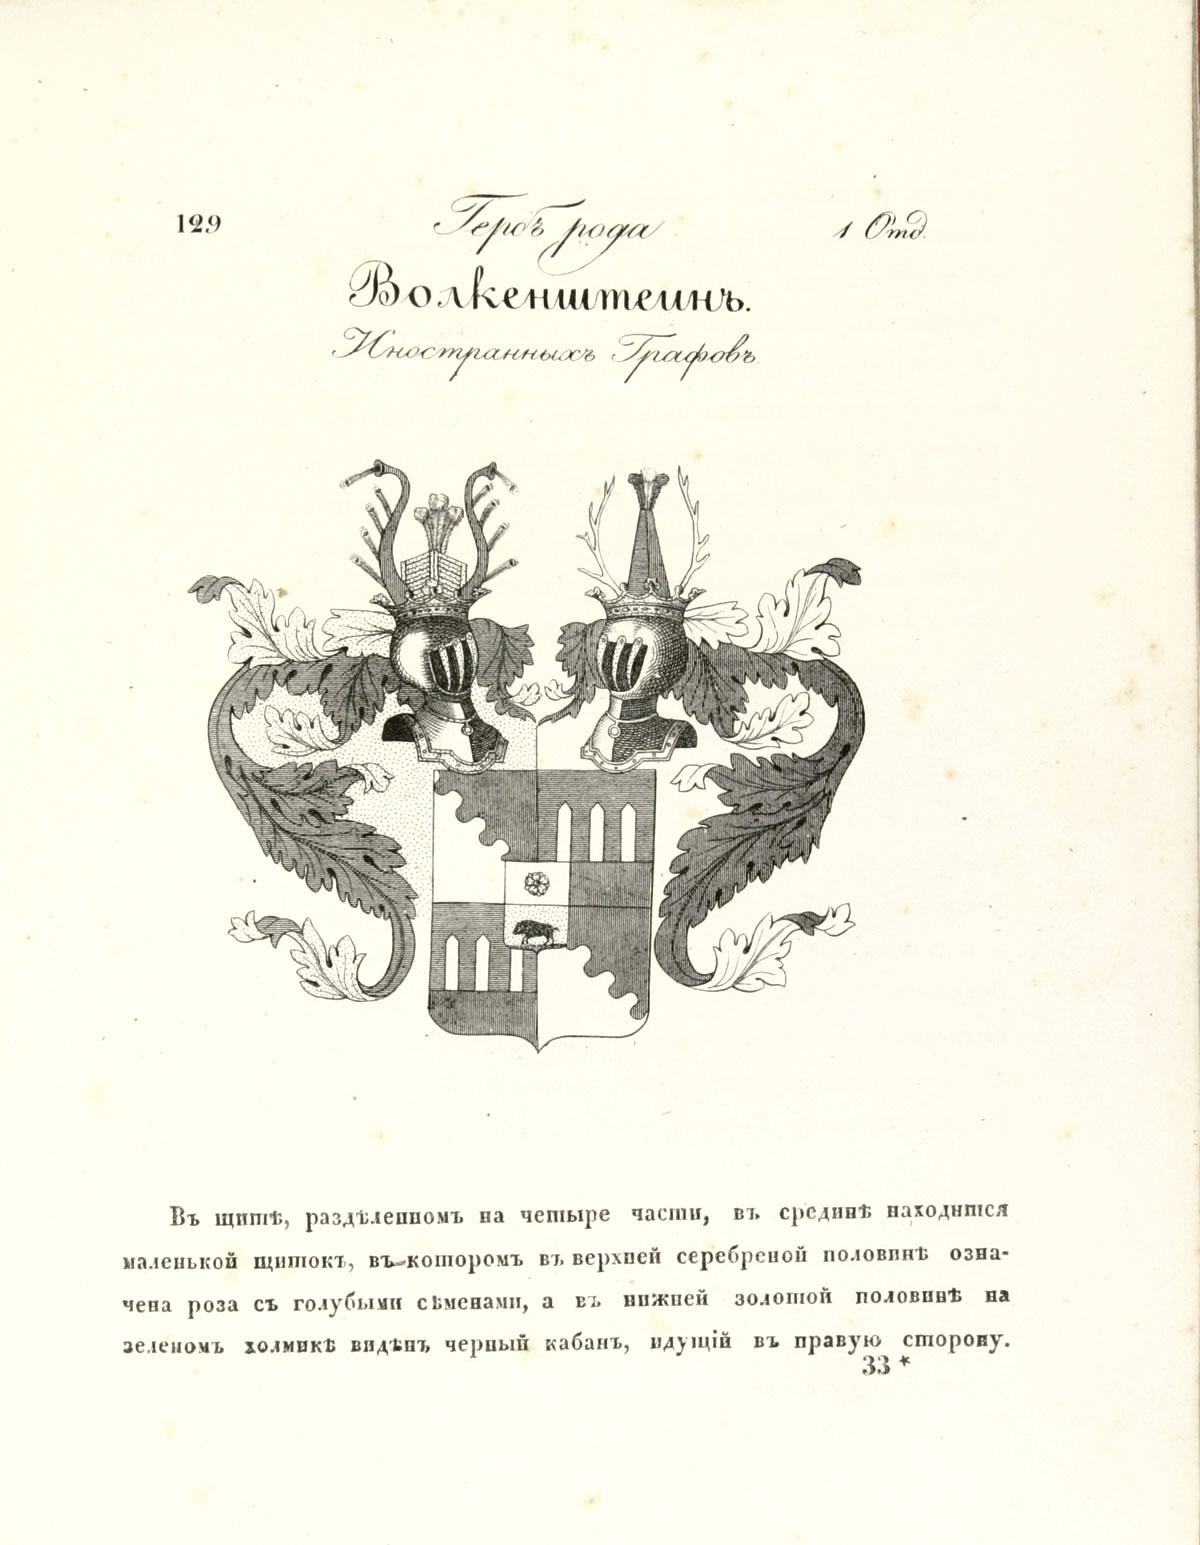 Герб рода Волкенштейн, иностранных графов, стр. 1